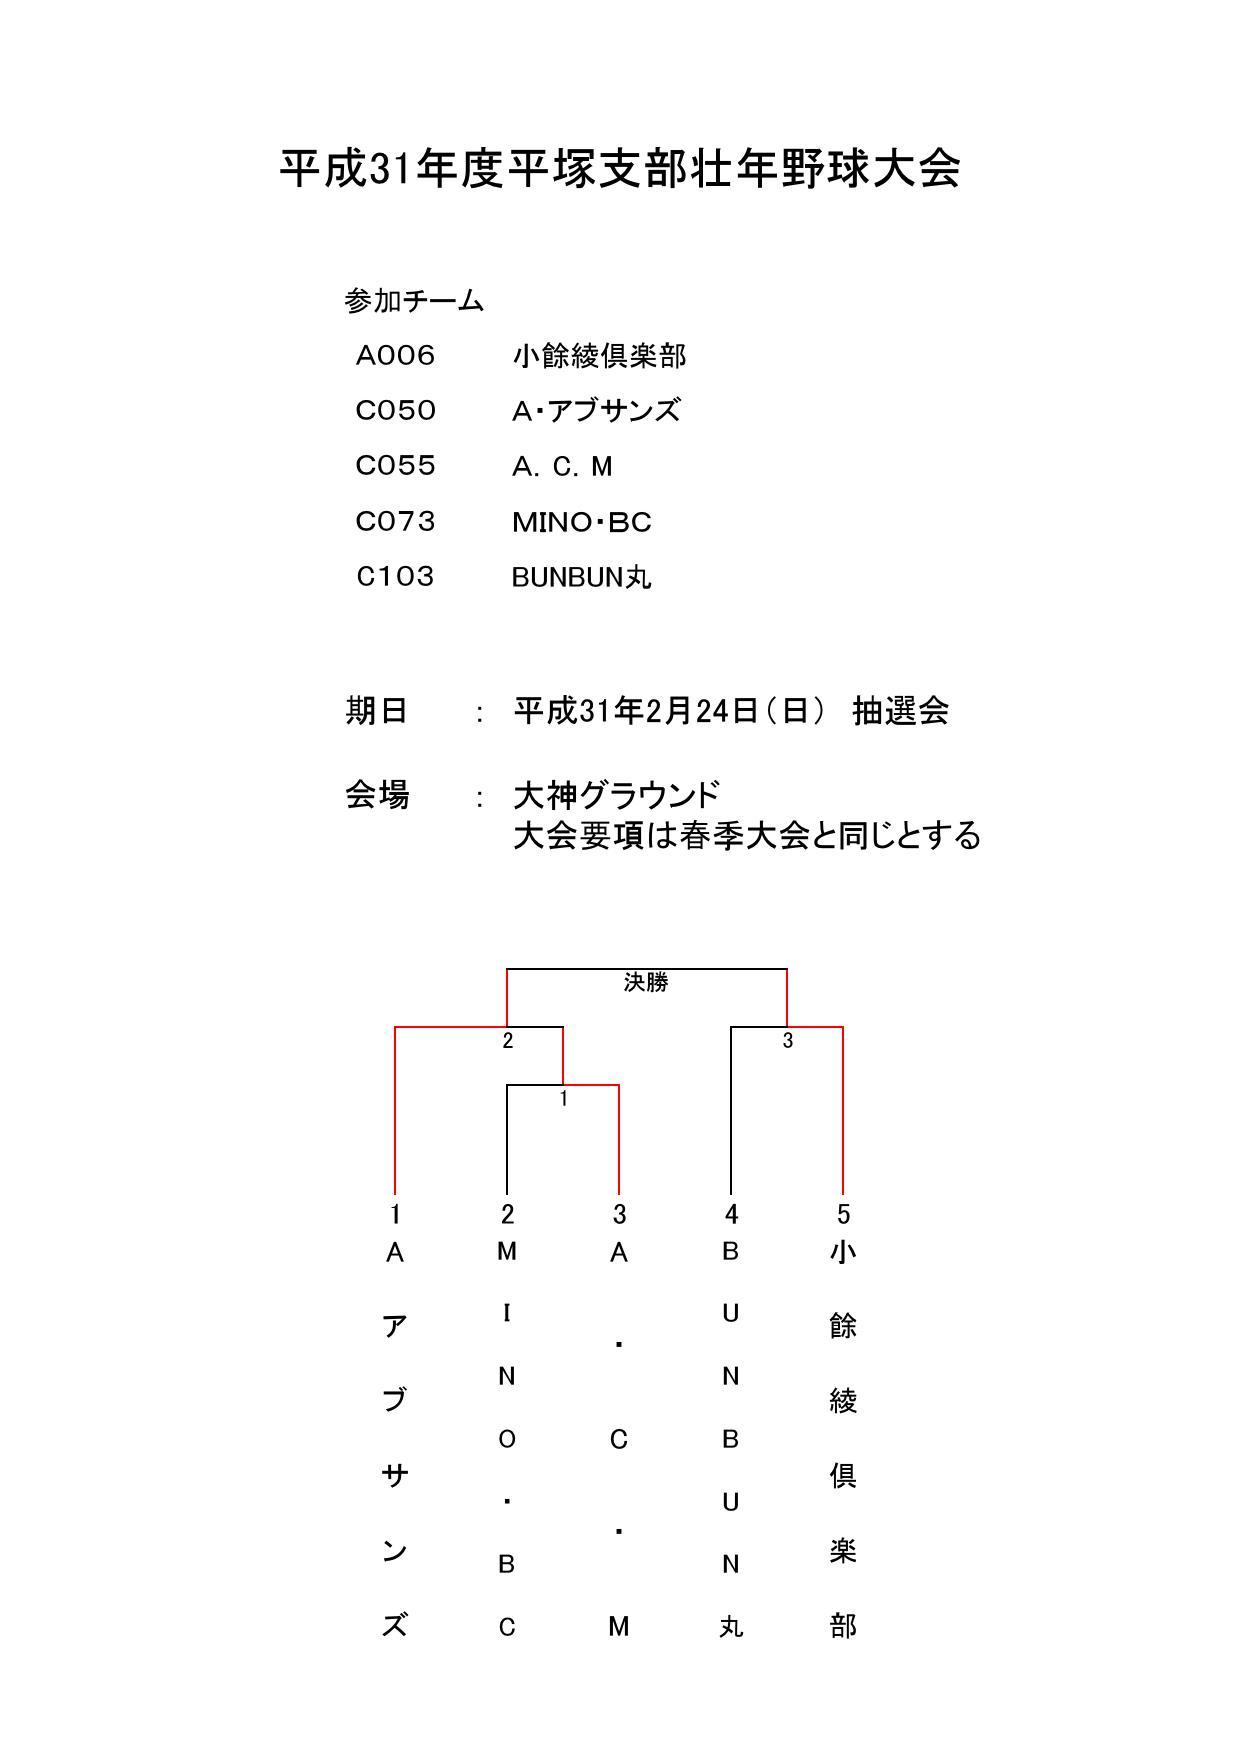 19soutorc_0602.jpg